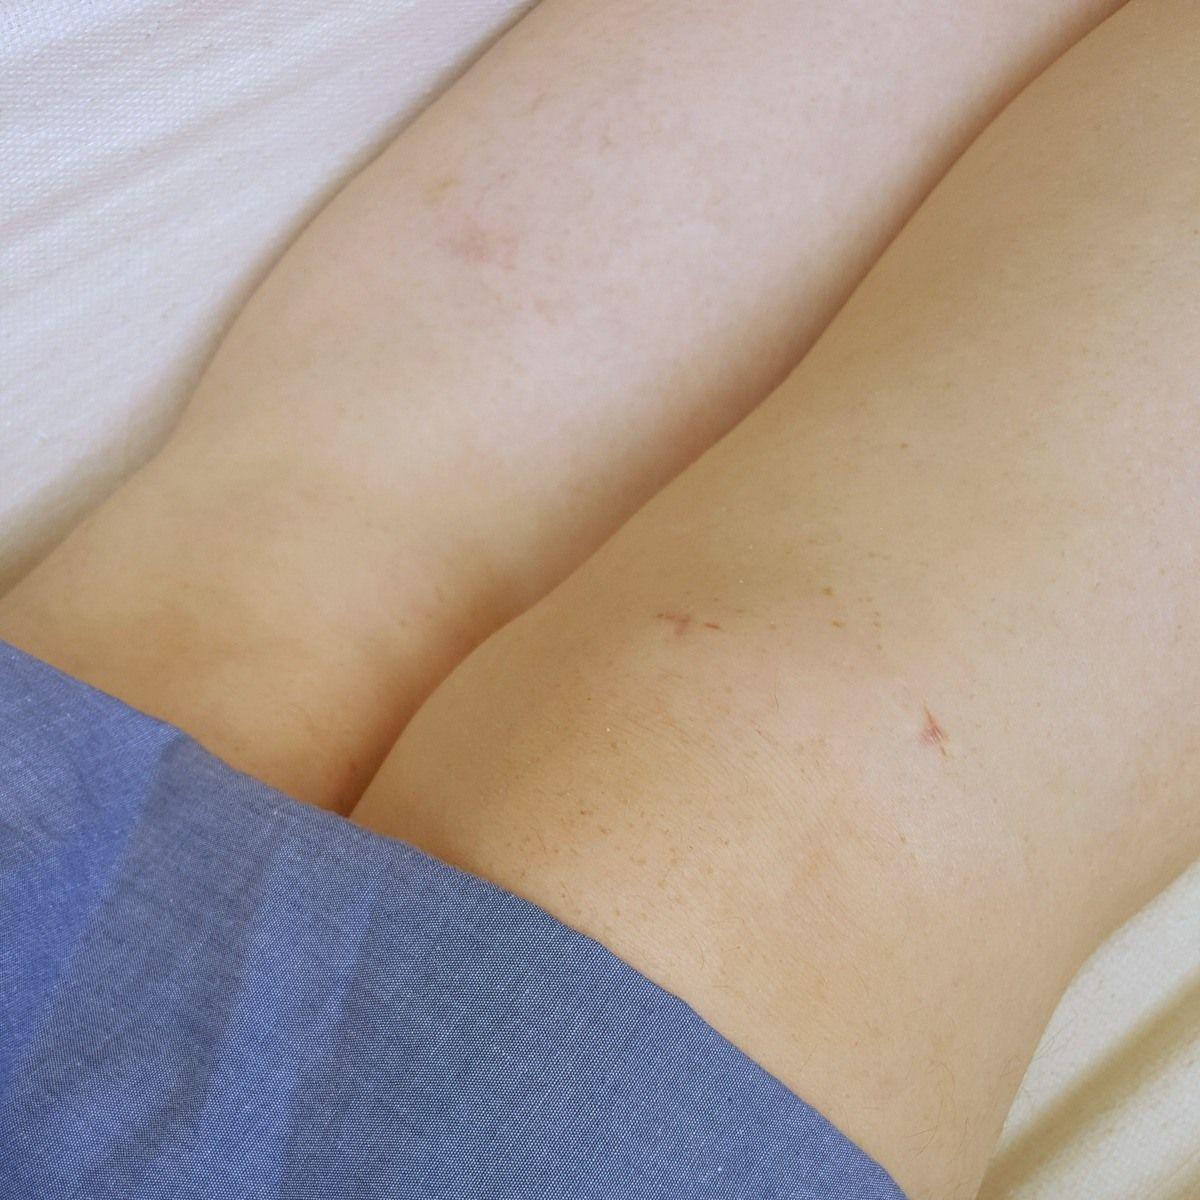 Cirurgia do joelho: como foi a operação do menisco (meniscectomia), o pós operatório e a recuperação.